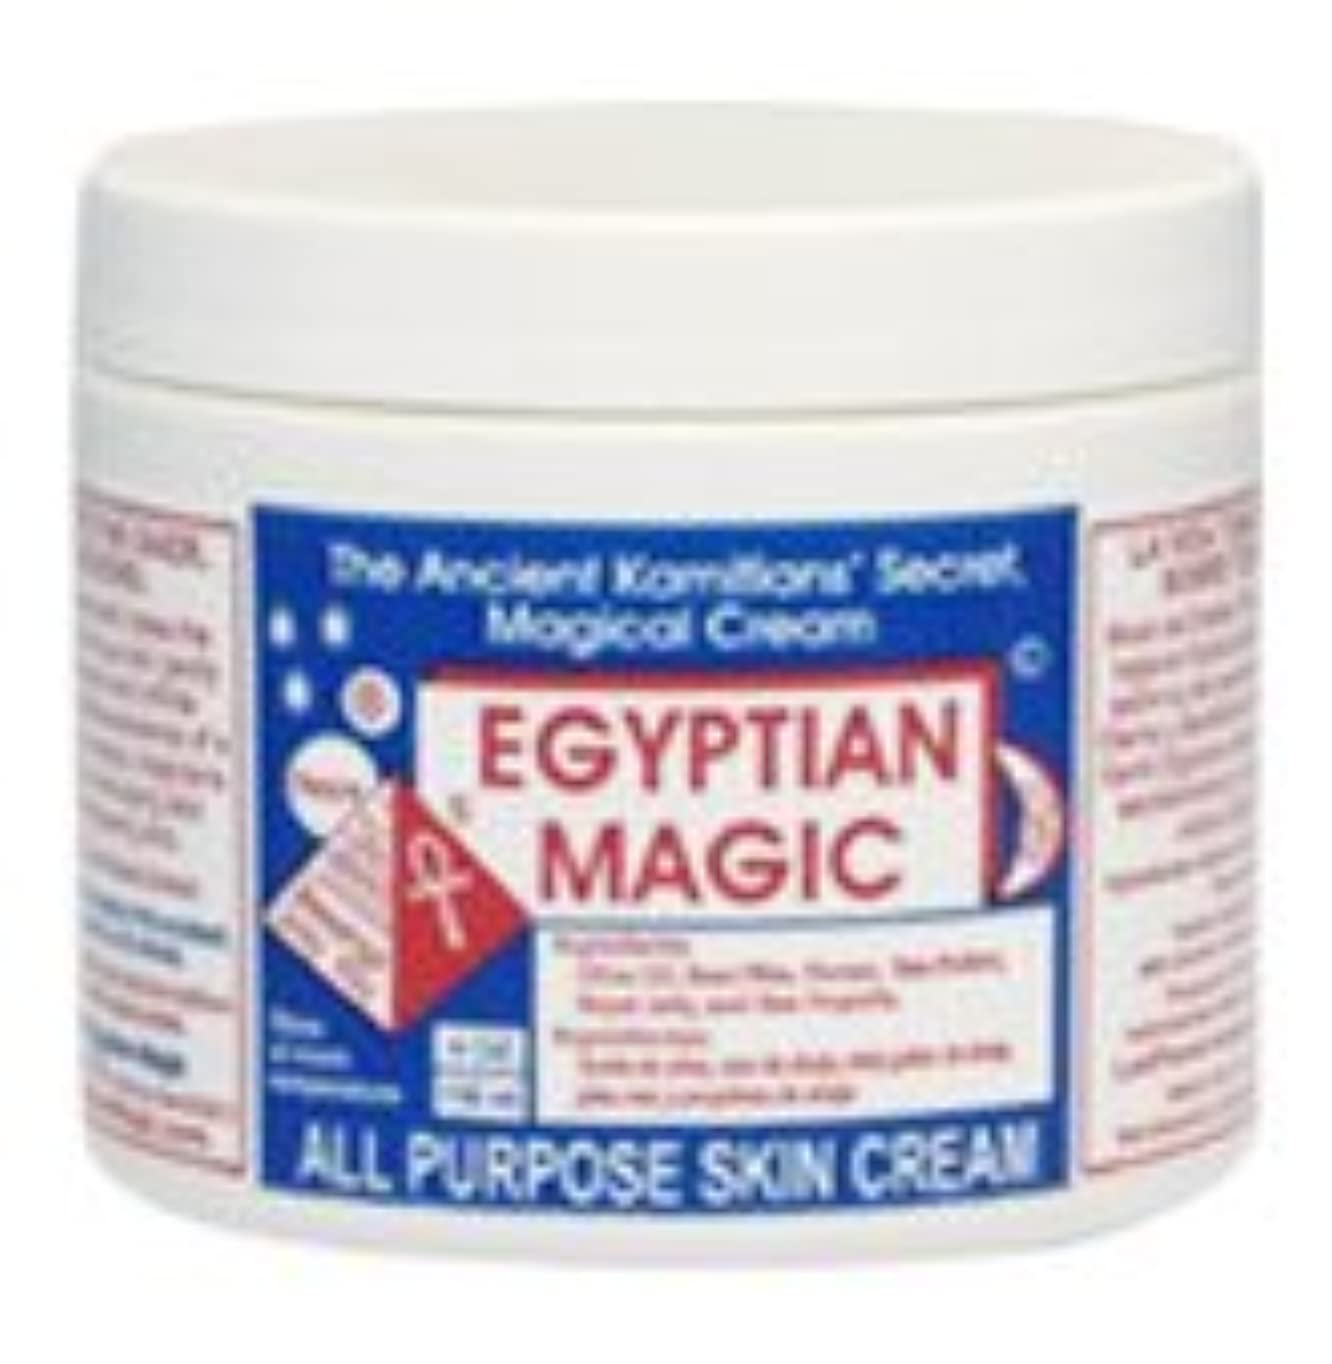 世辞ローブ実験室【EGYPTIAN Magic(エジプシャン マジック)】 EGYPTIAN MAGIC CREAM マジック クリーム 118ml